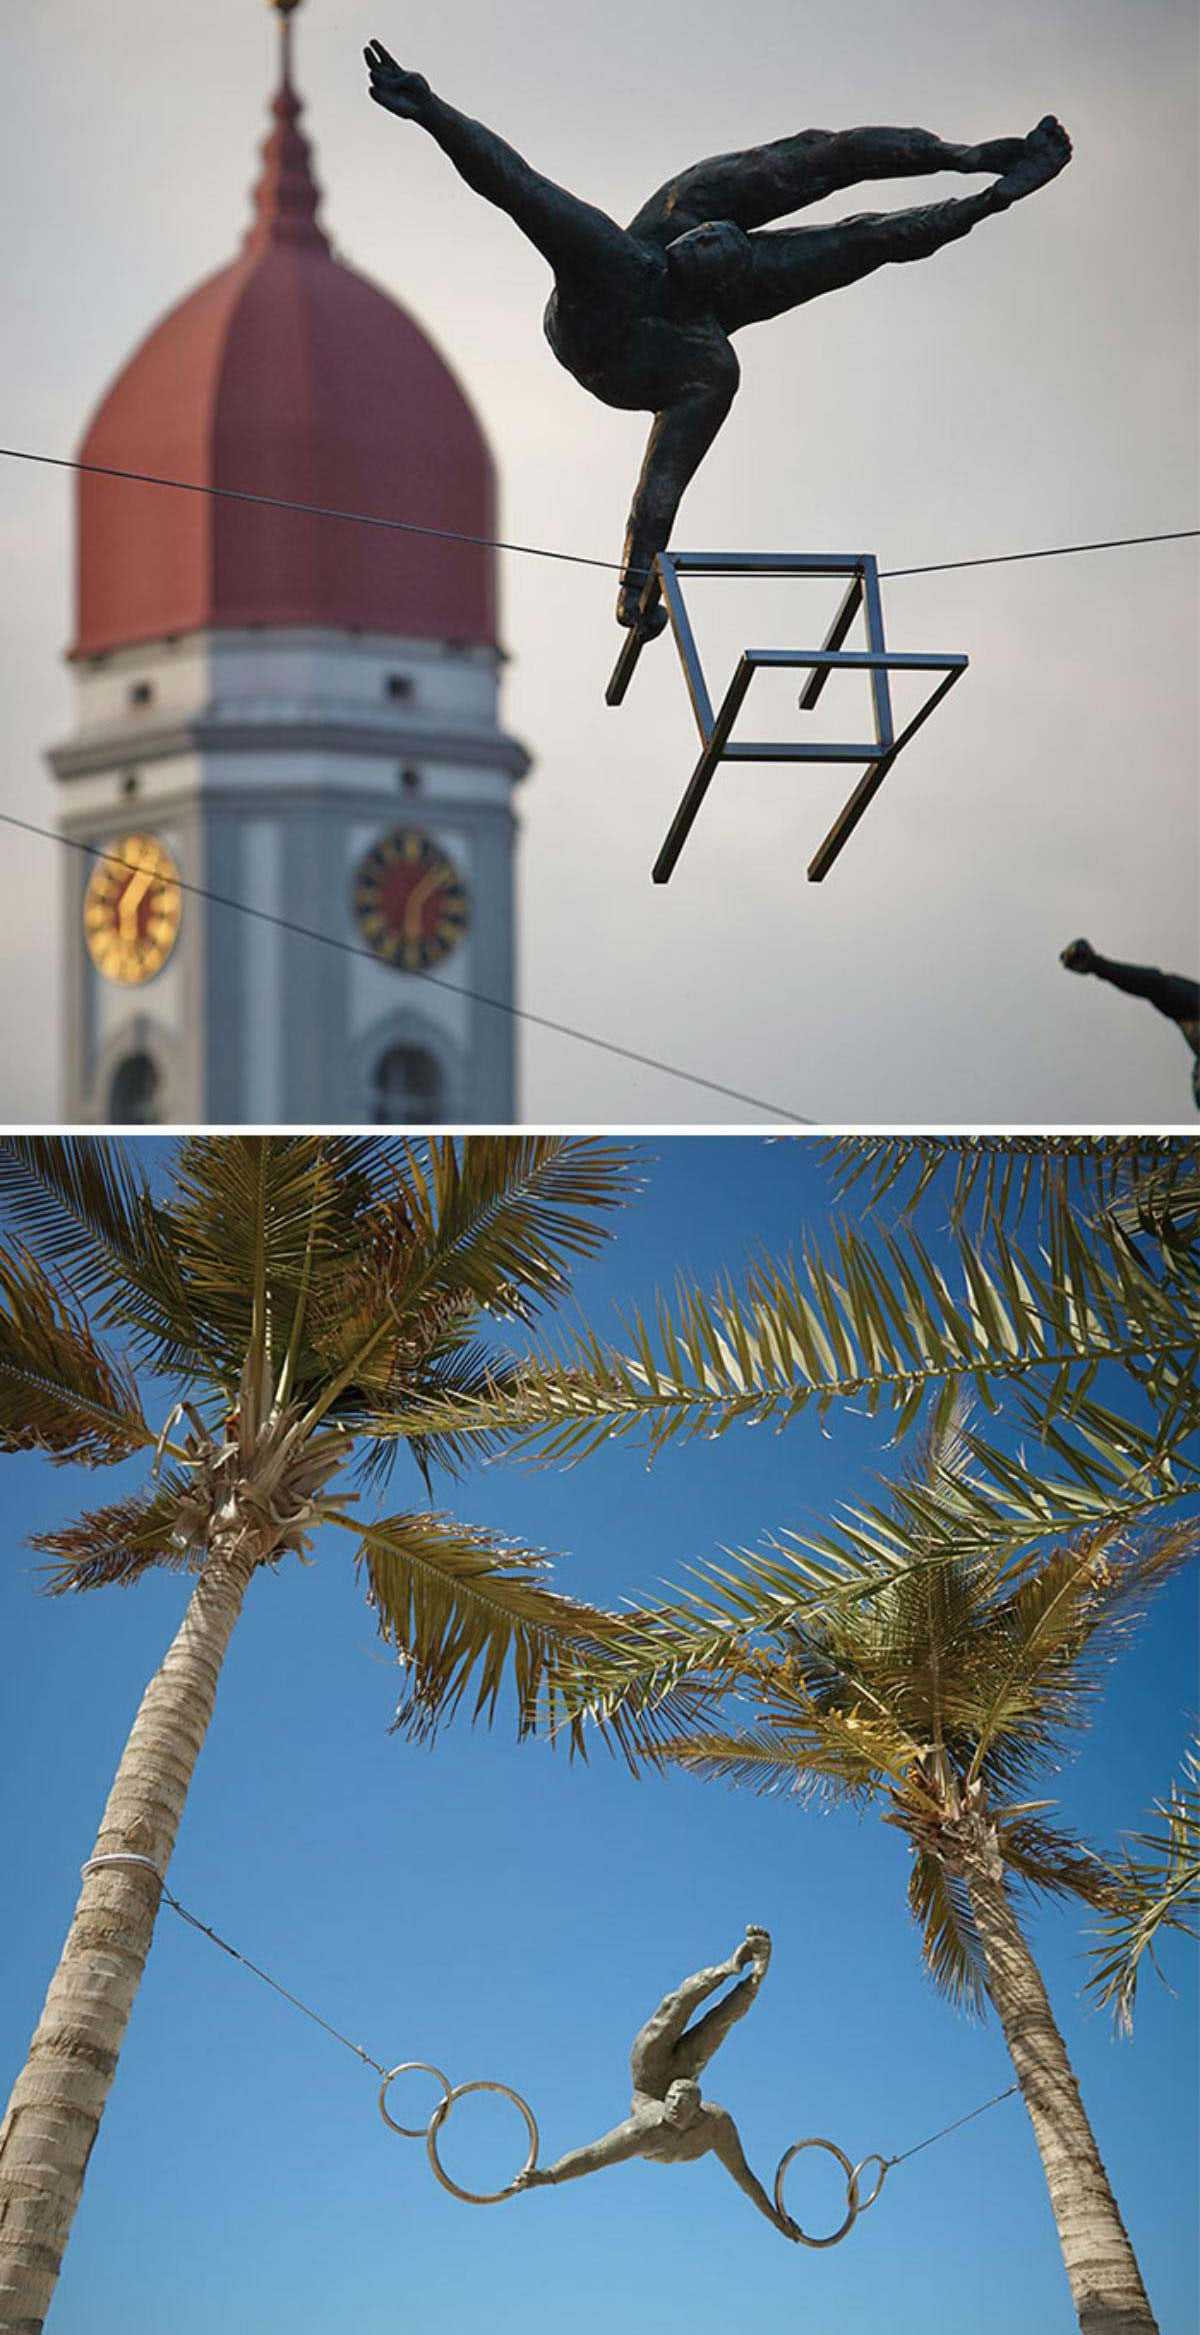 Esculturas que desafiam a gravidade